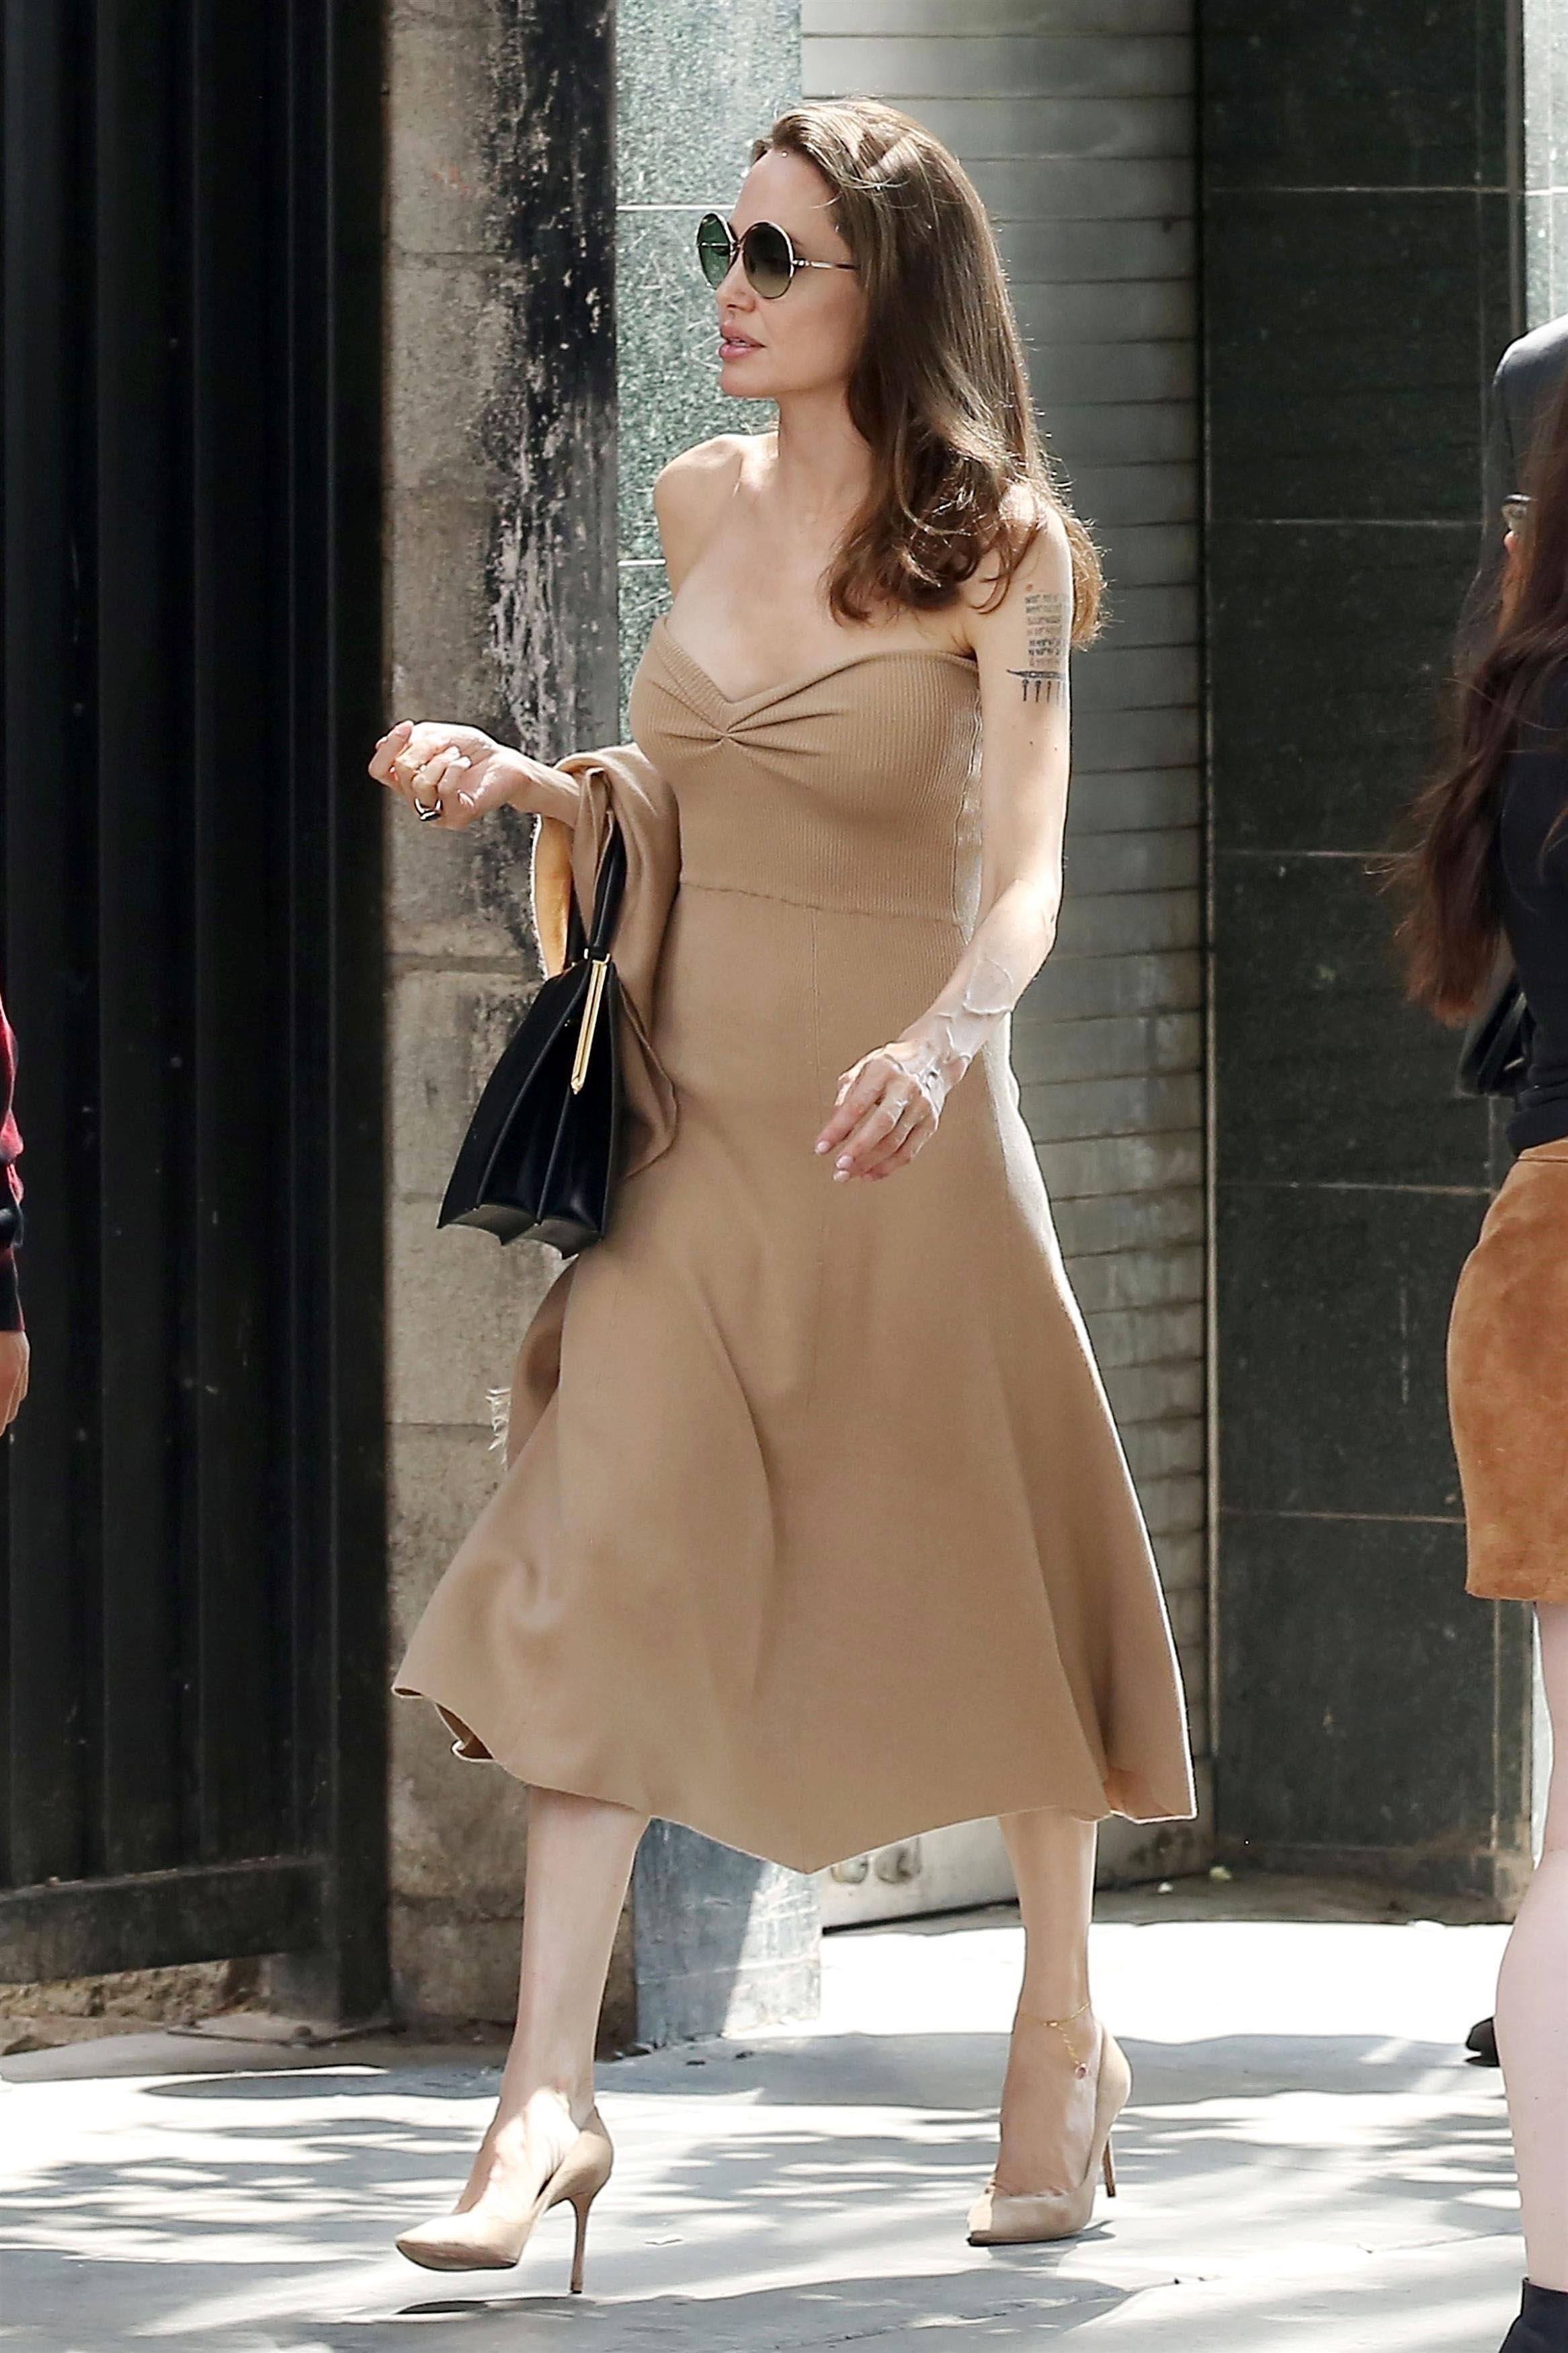 el look del día, estilo, famosa, ootd, vestido